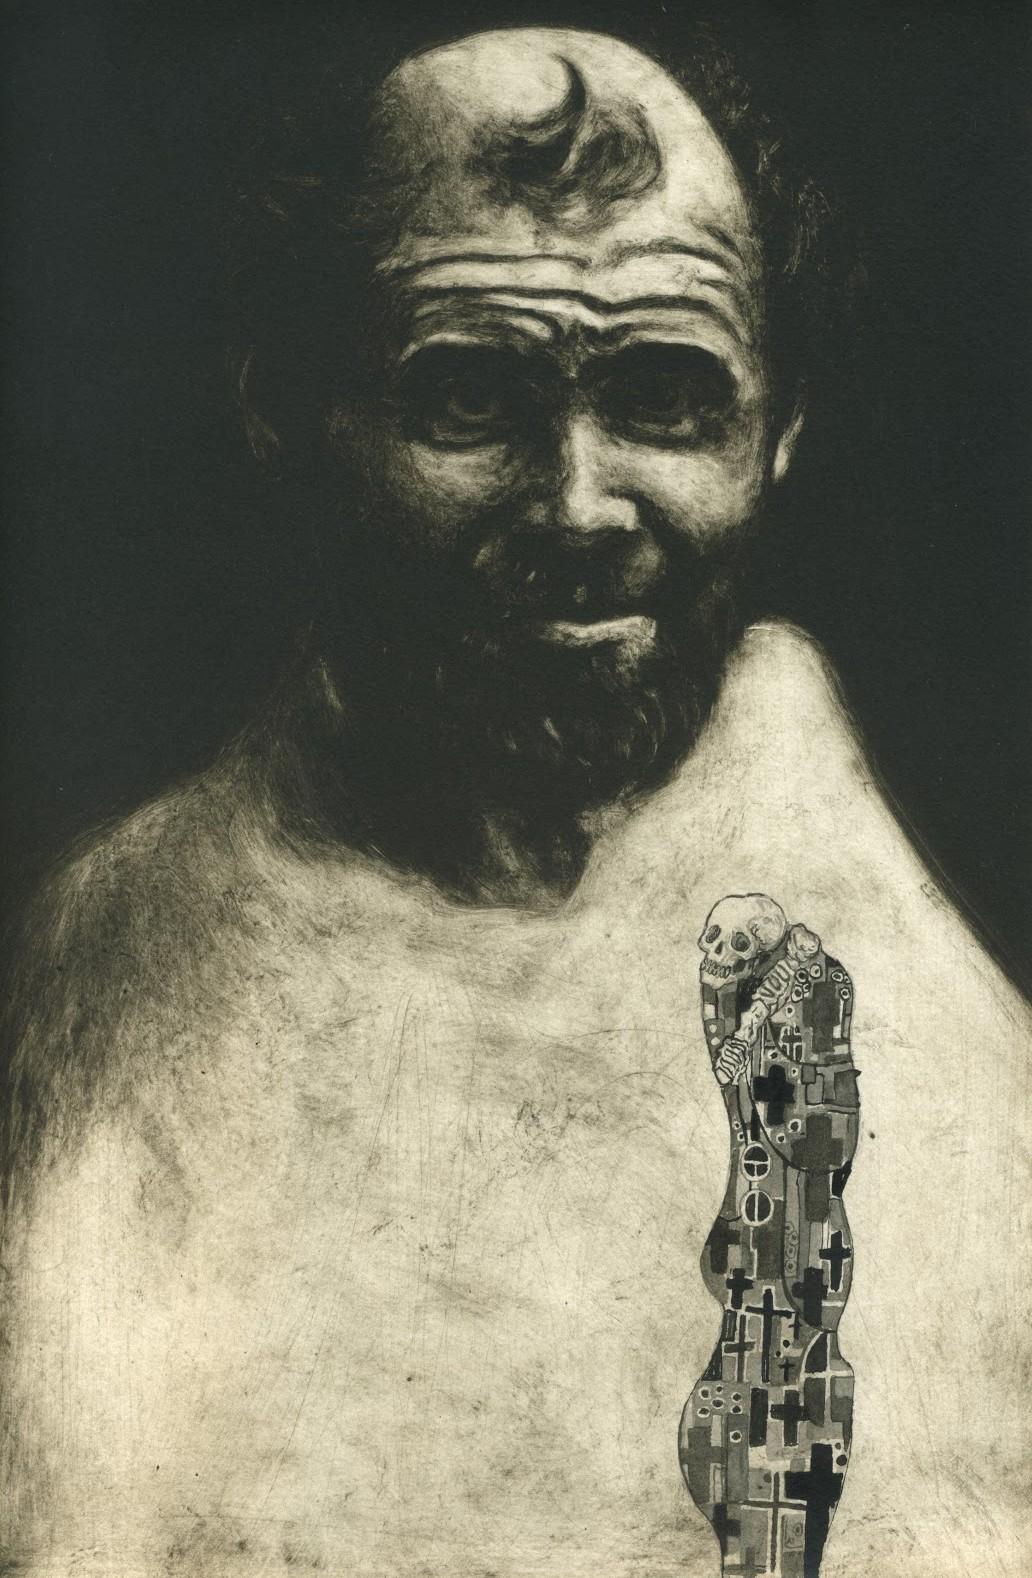 татуированные художники, Густав Климт